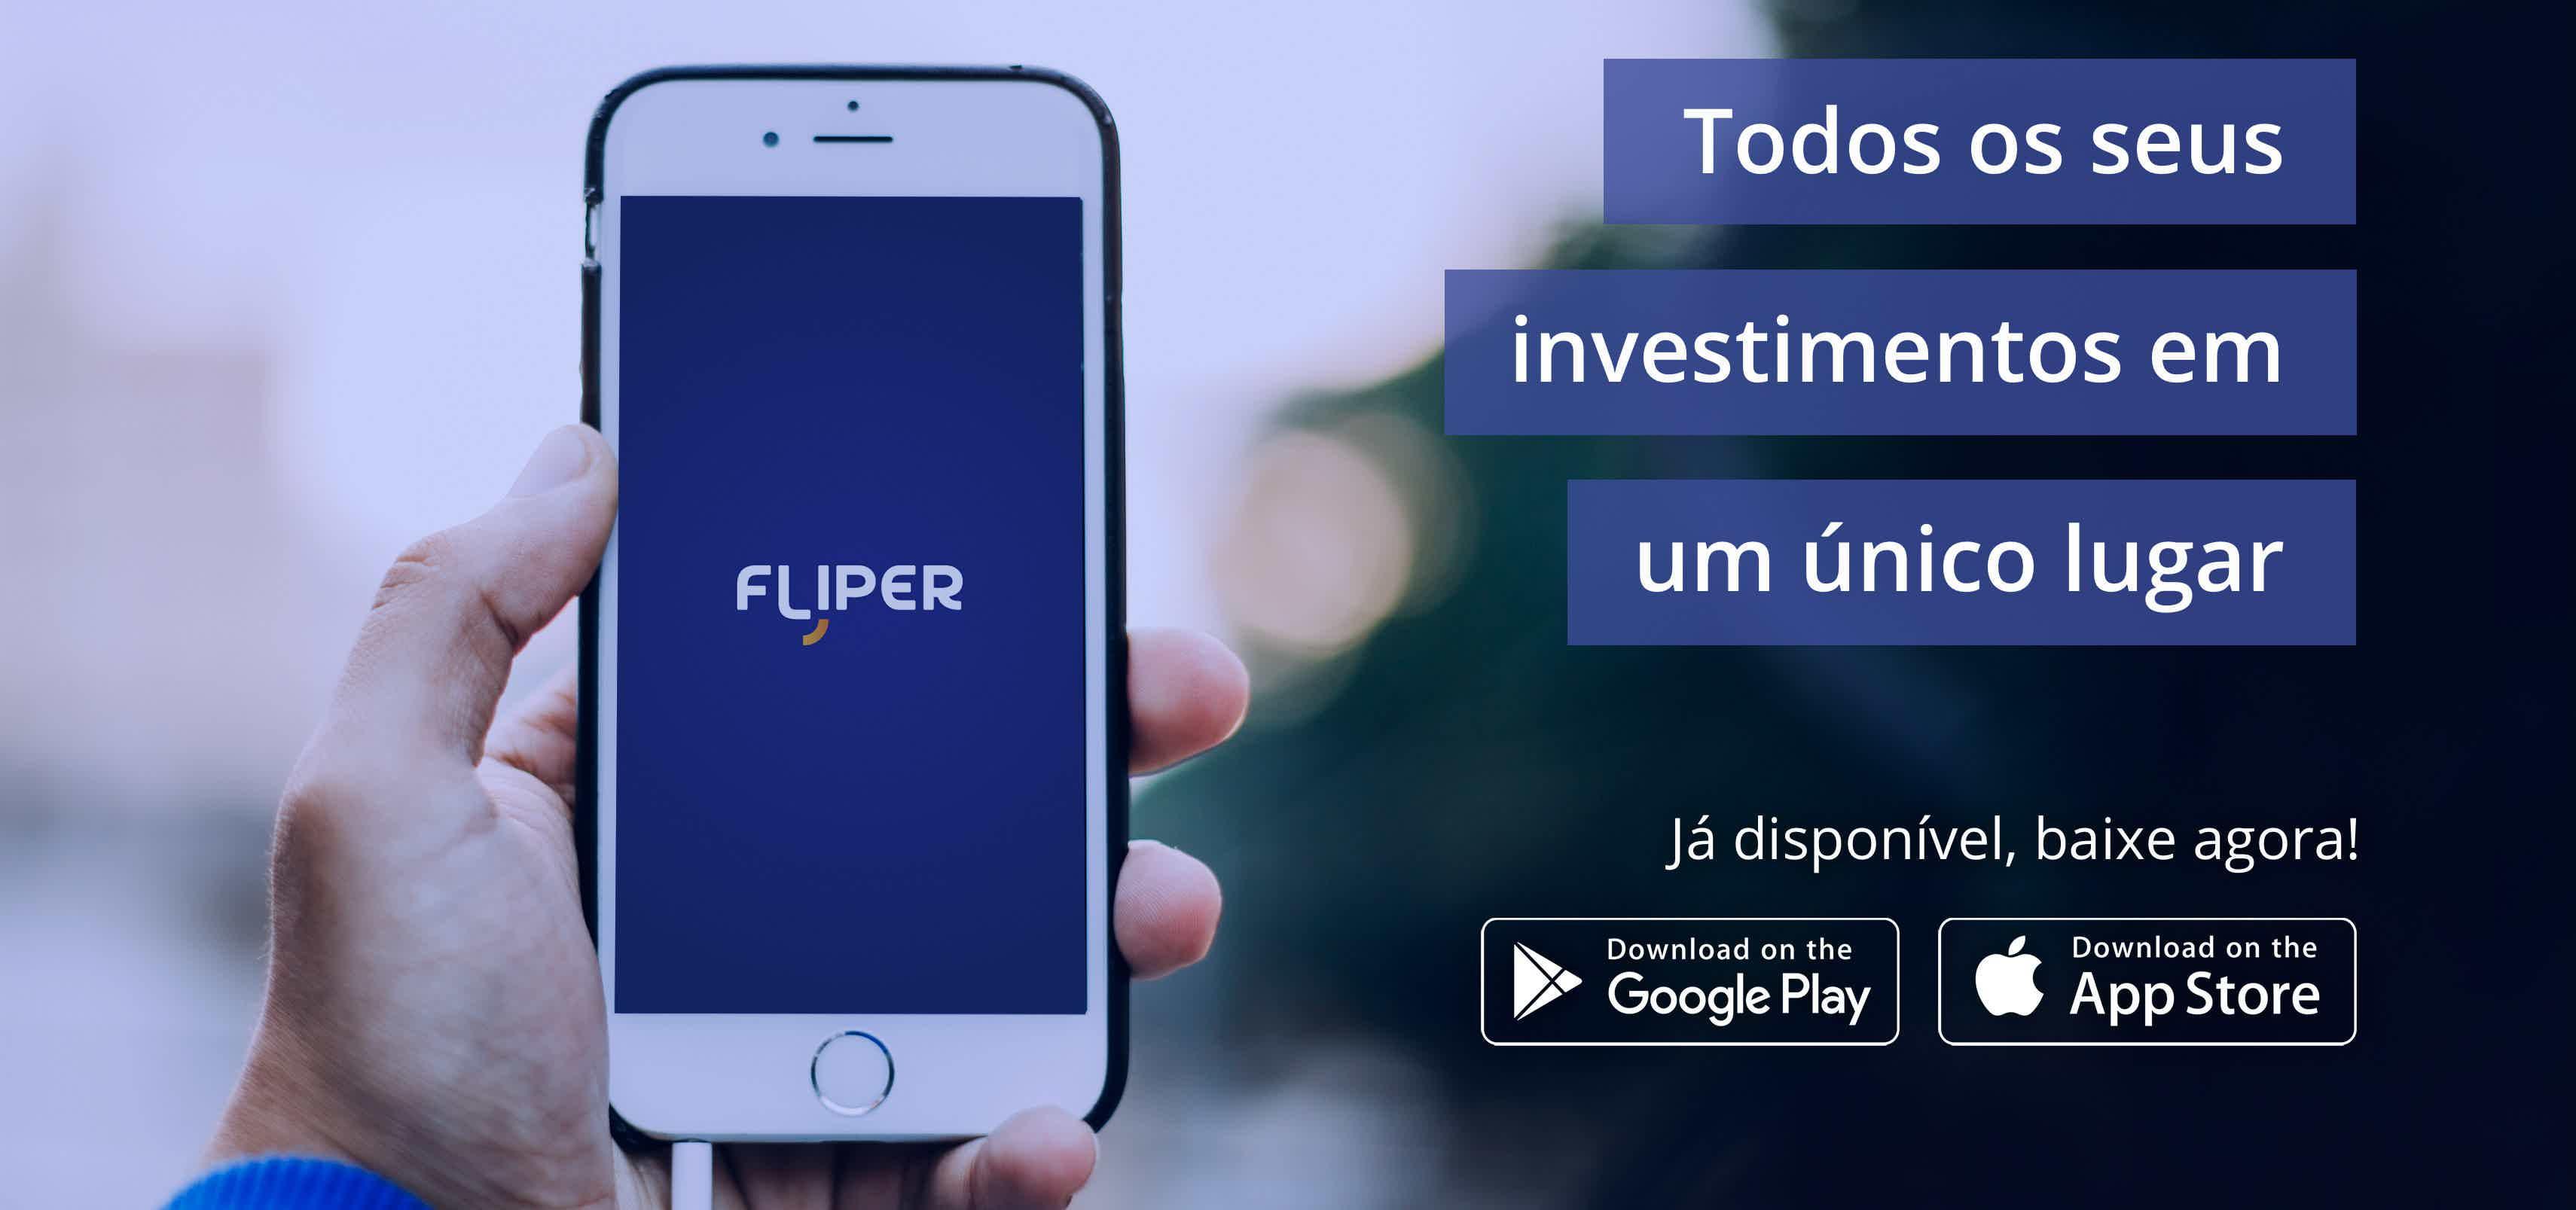 Conheça o aplicativo Fliper